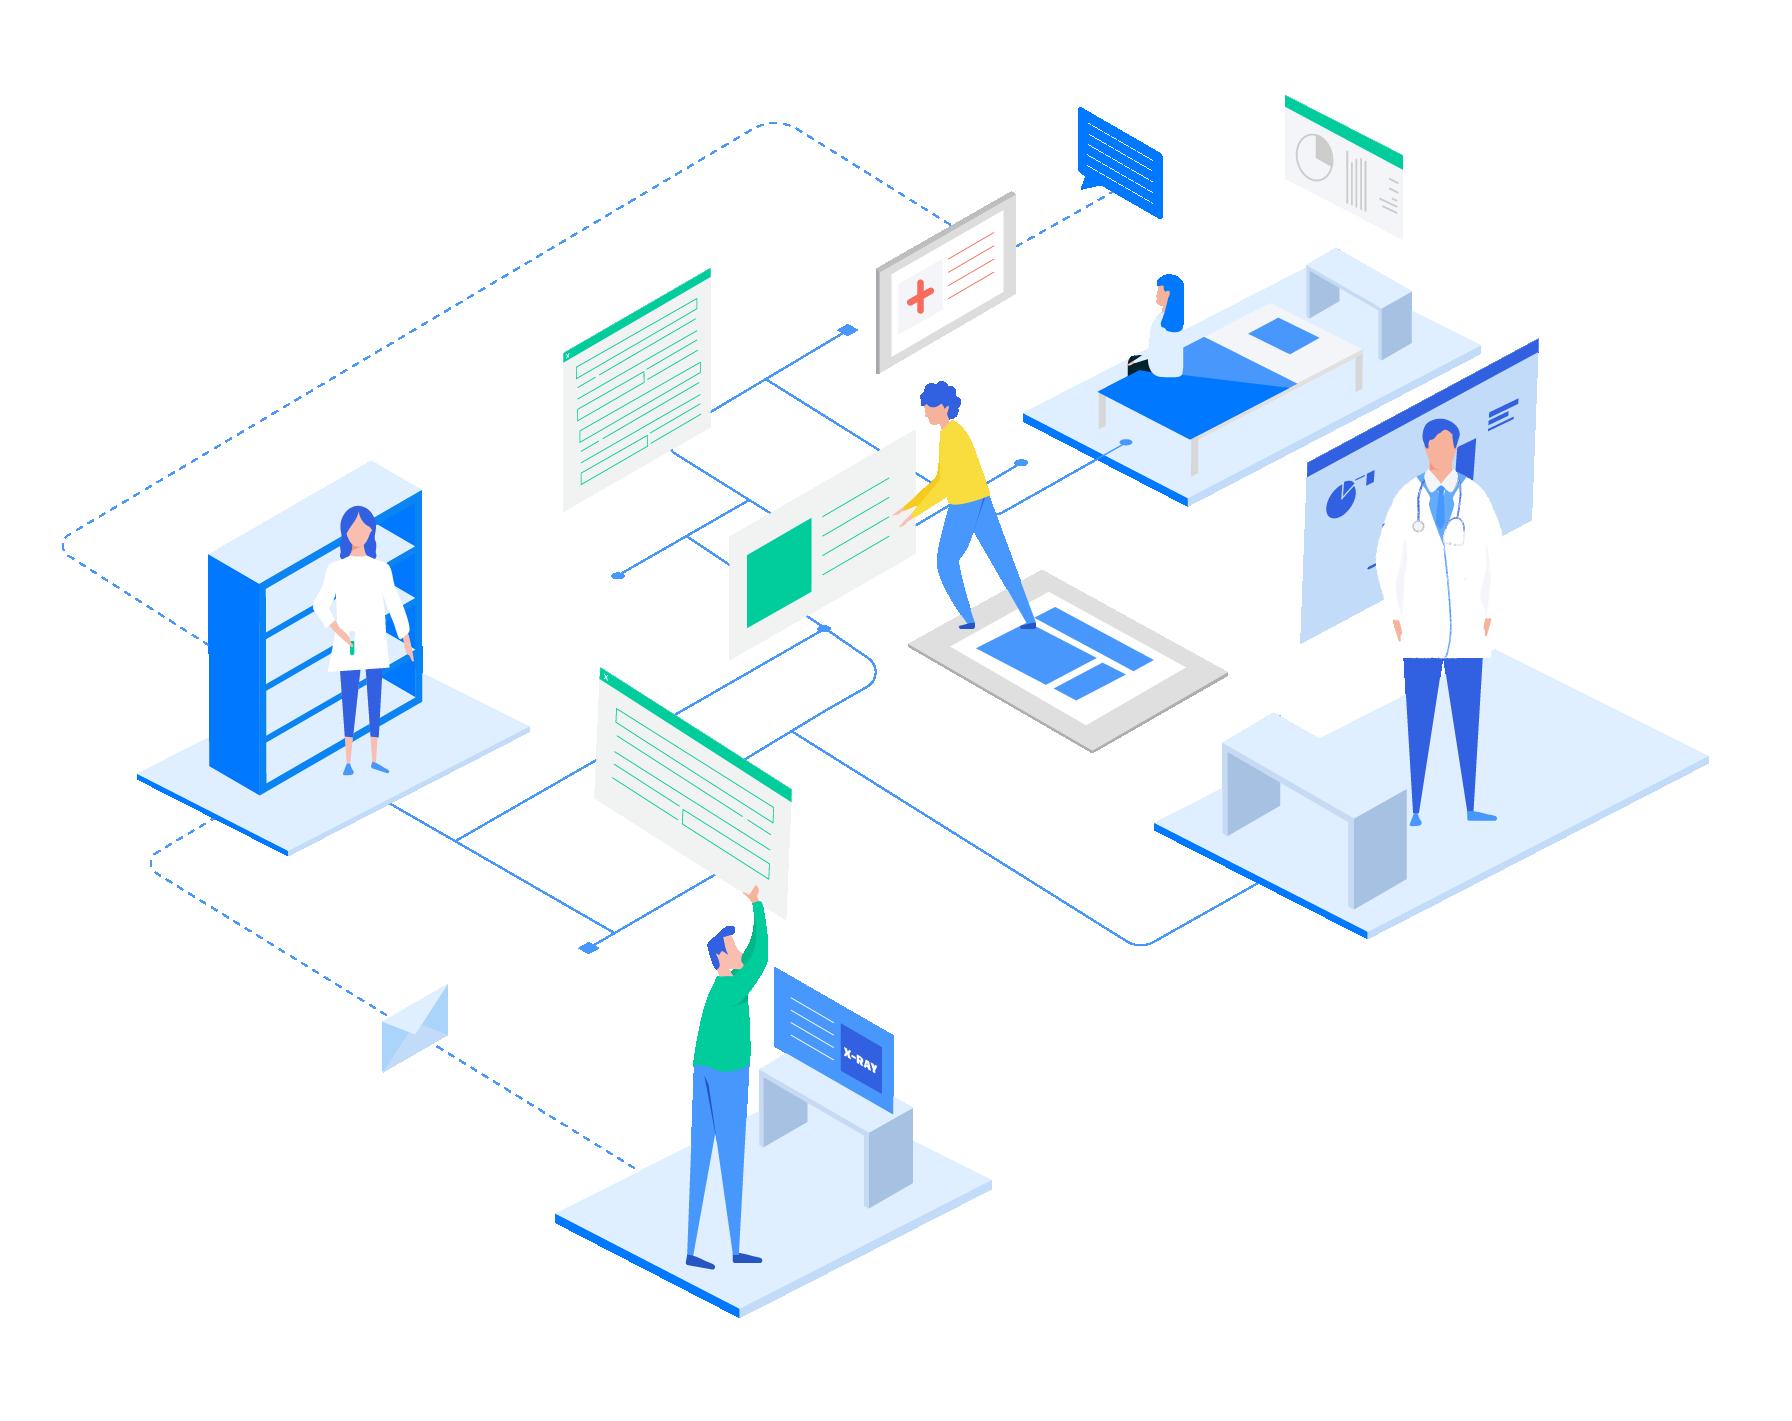 El sistema EHR para hospitales se conecta con otros sistemas de salud